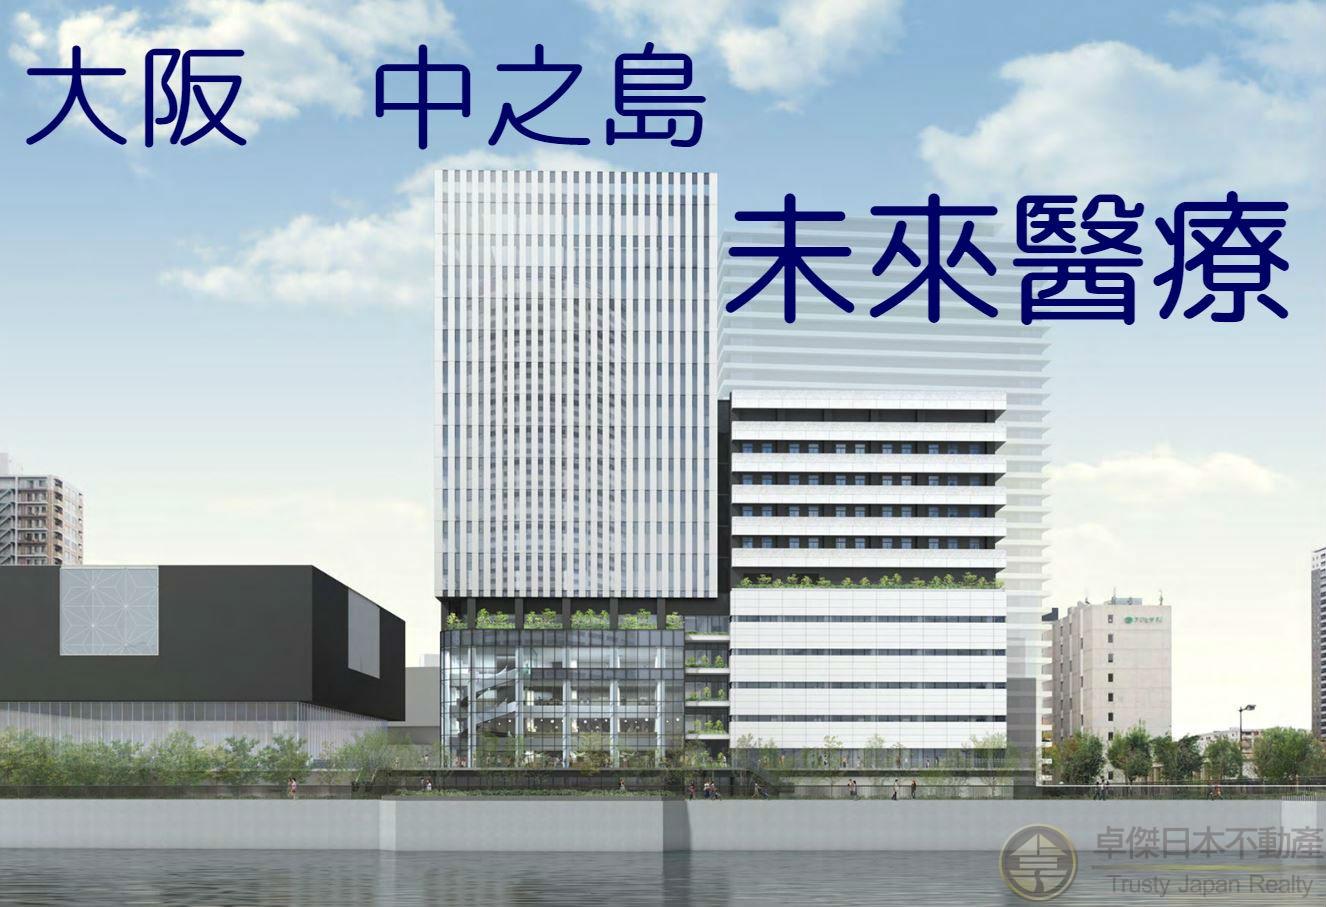 大阪・中之島 未來醫療國際據點